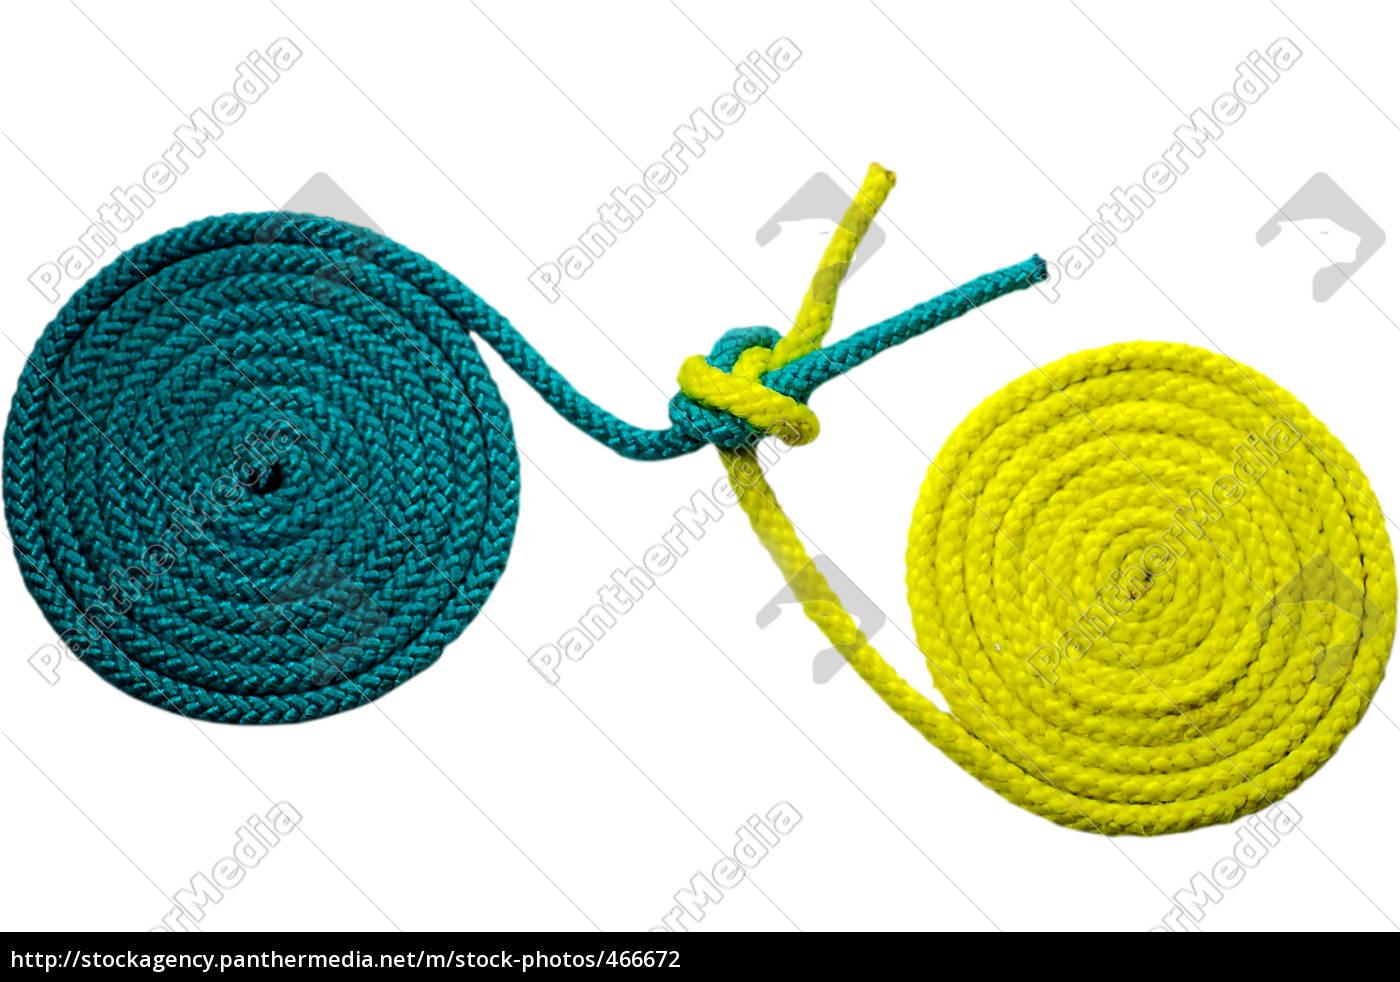 cords - 466672